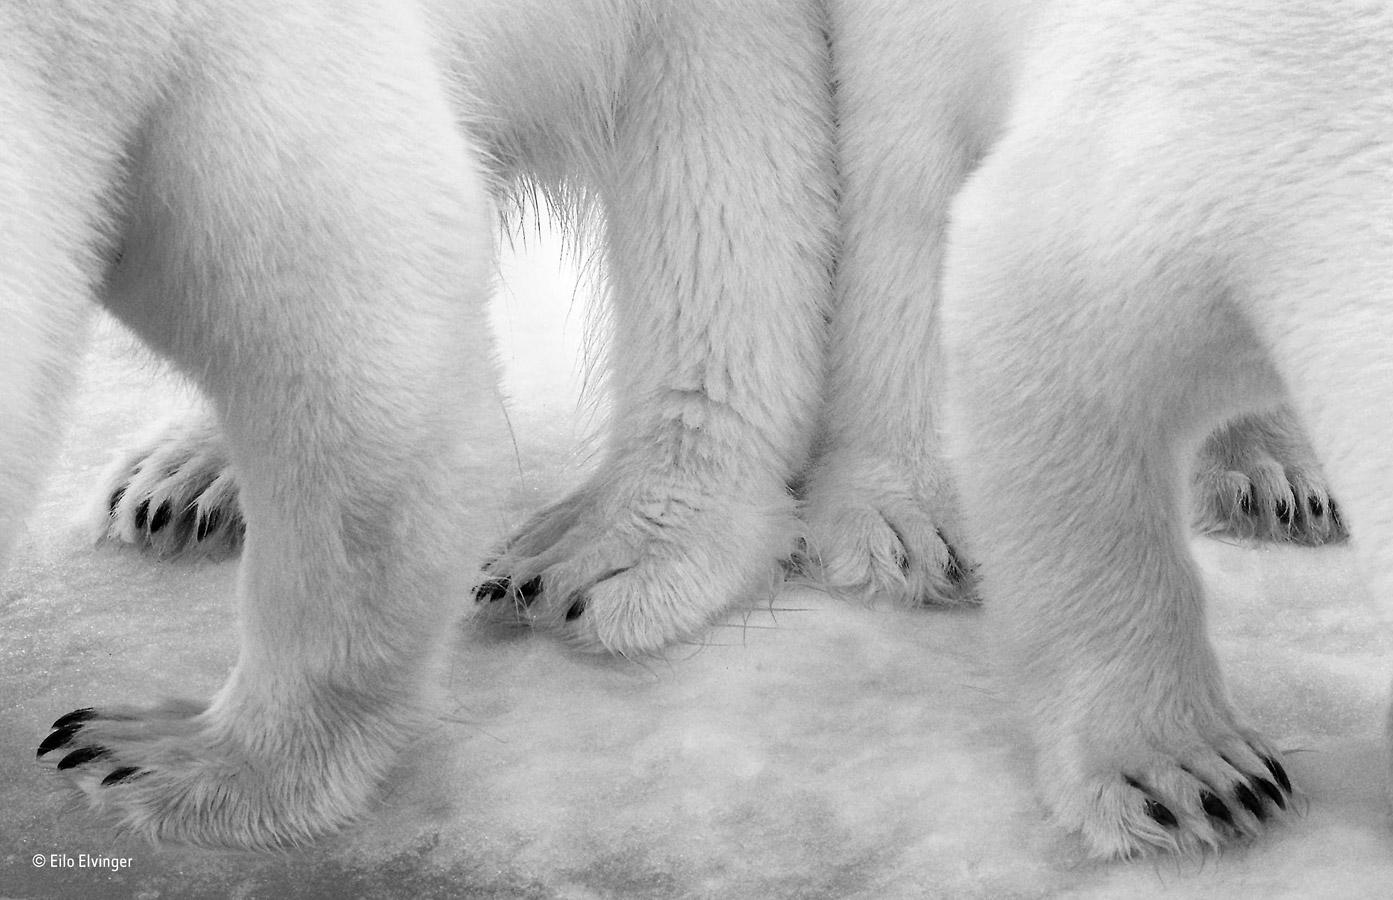 Полярный шаг на двоих, © Эйло Элвингер / Eilo Elvinger, Люксембург, Победитель категории «Чёрно-белое», Фотоконкурс «Фотограф года живой природы» — Wildlife Photographer of the Year